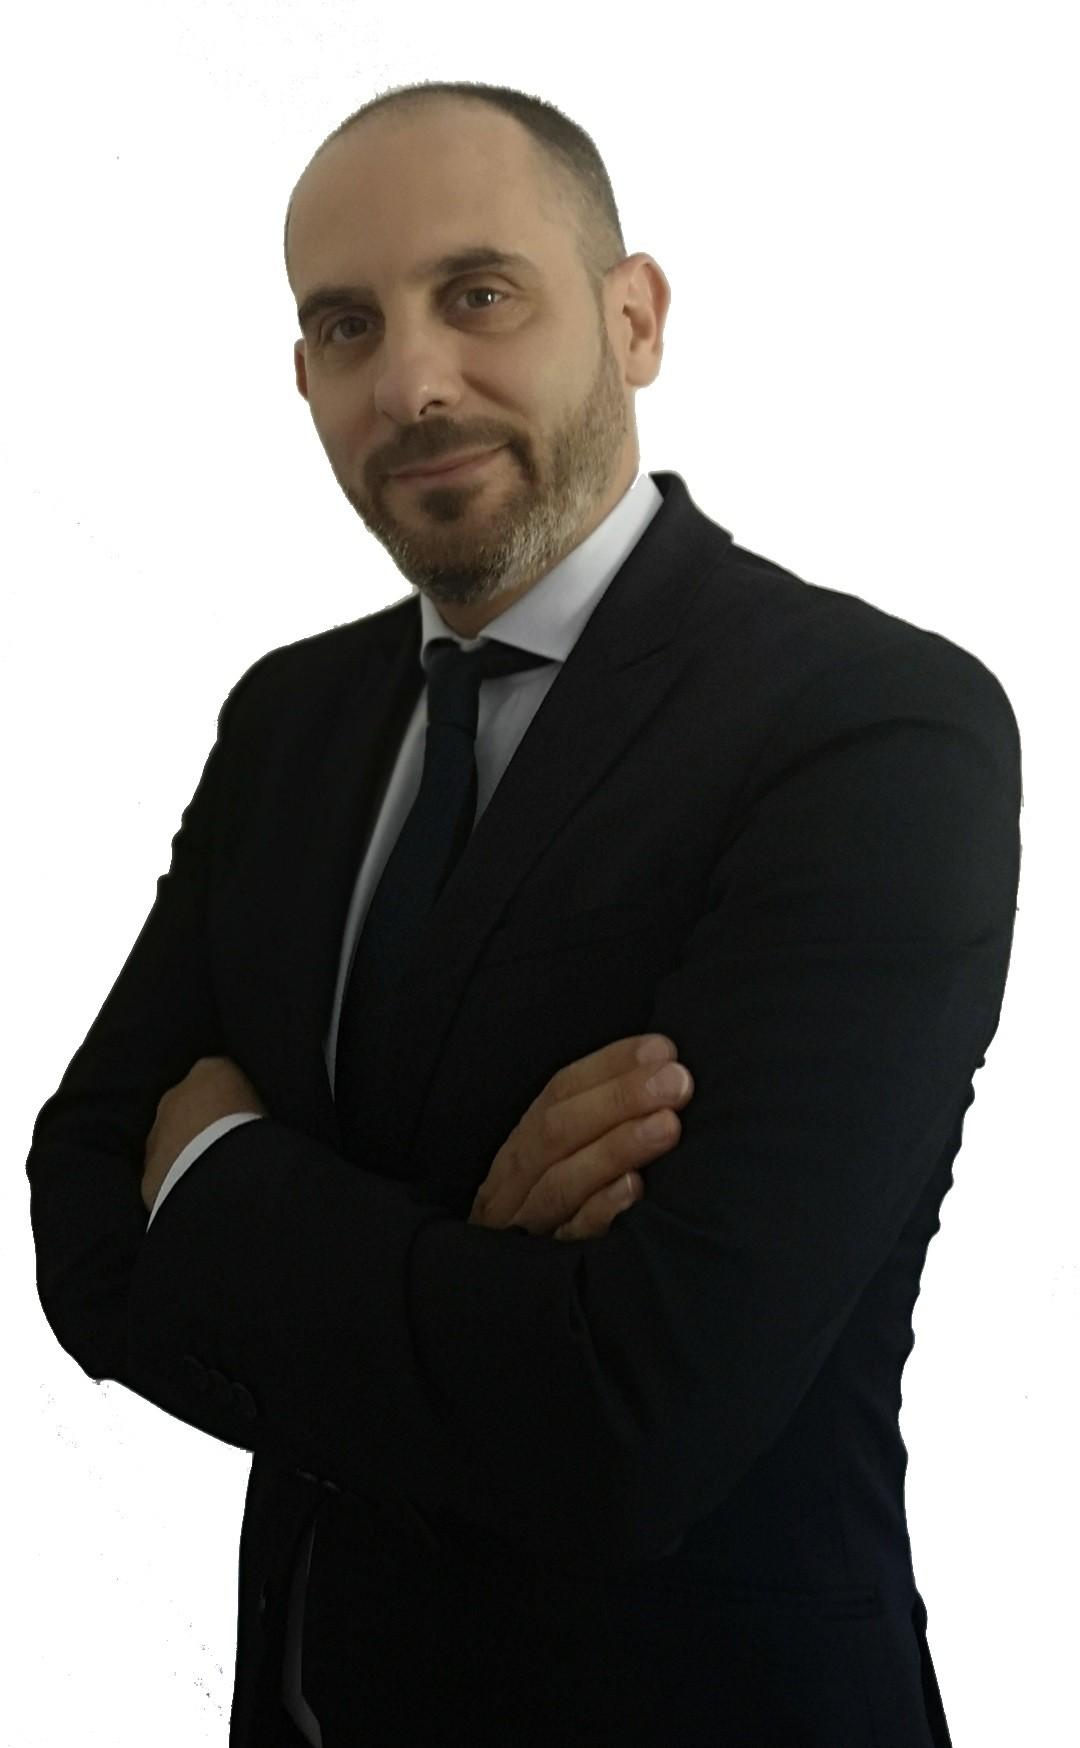 Alfonso Exposito Asensio